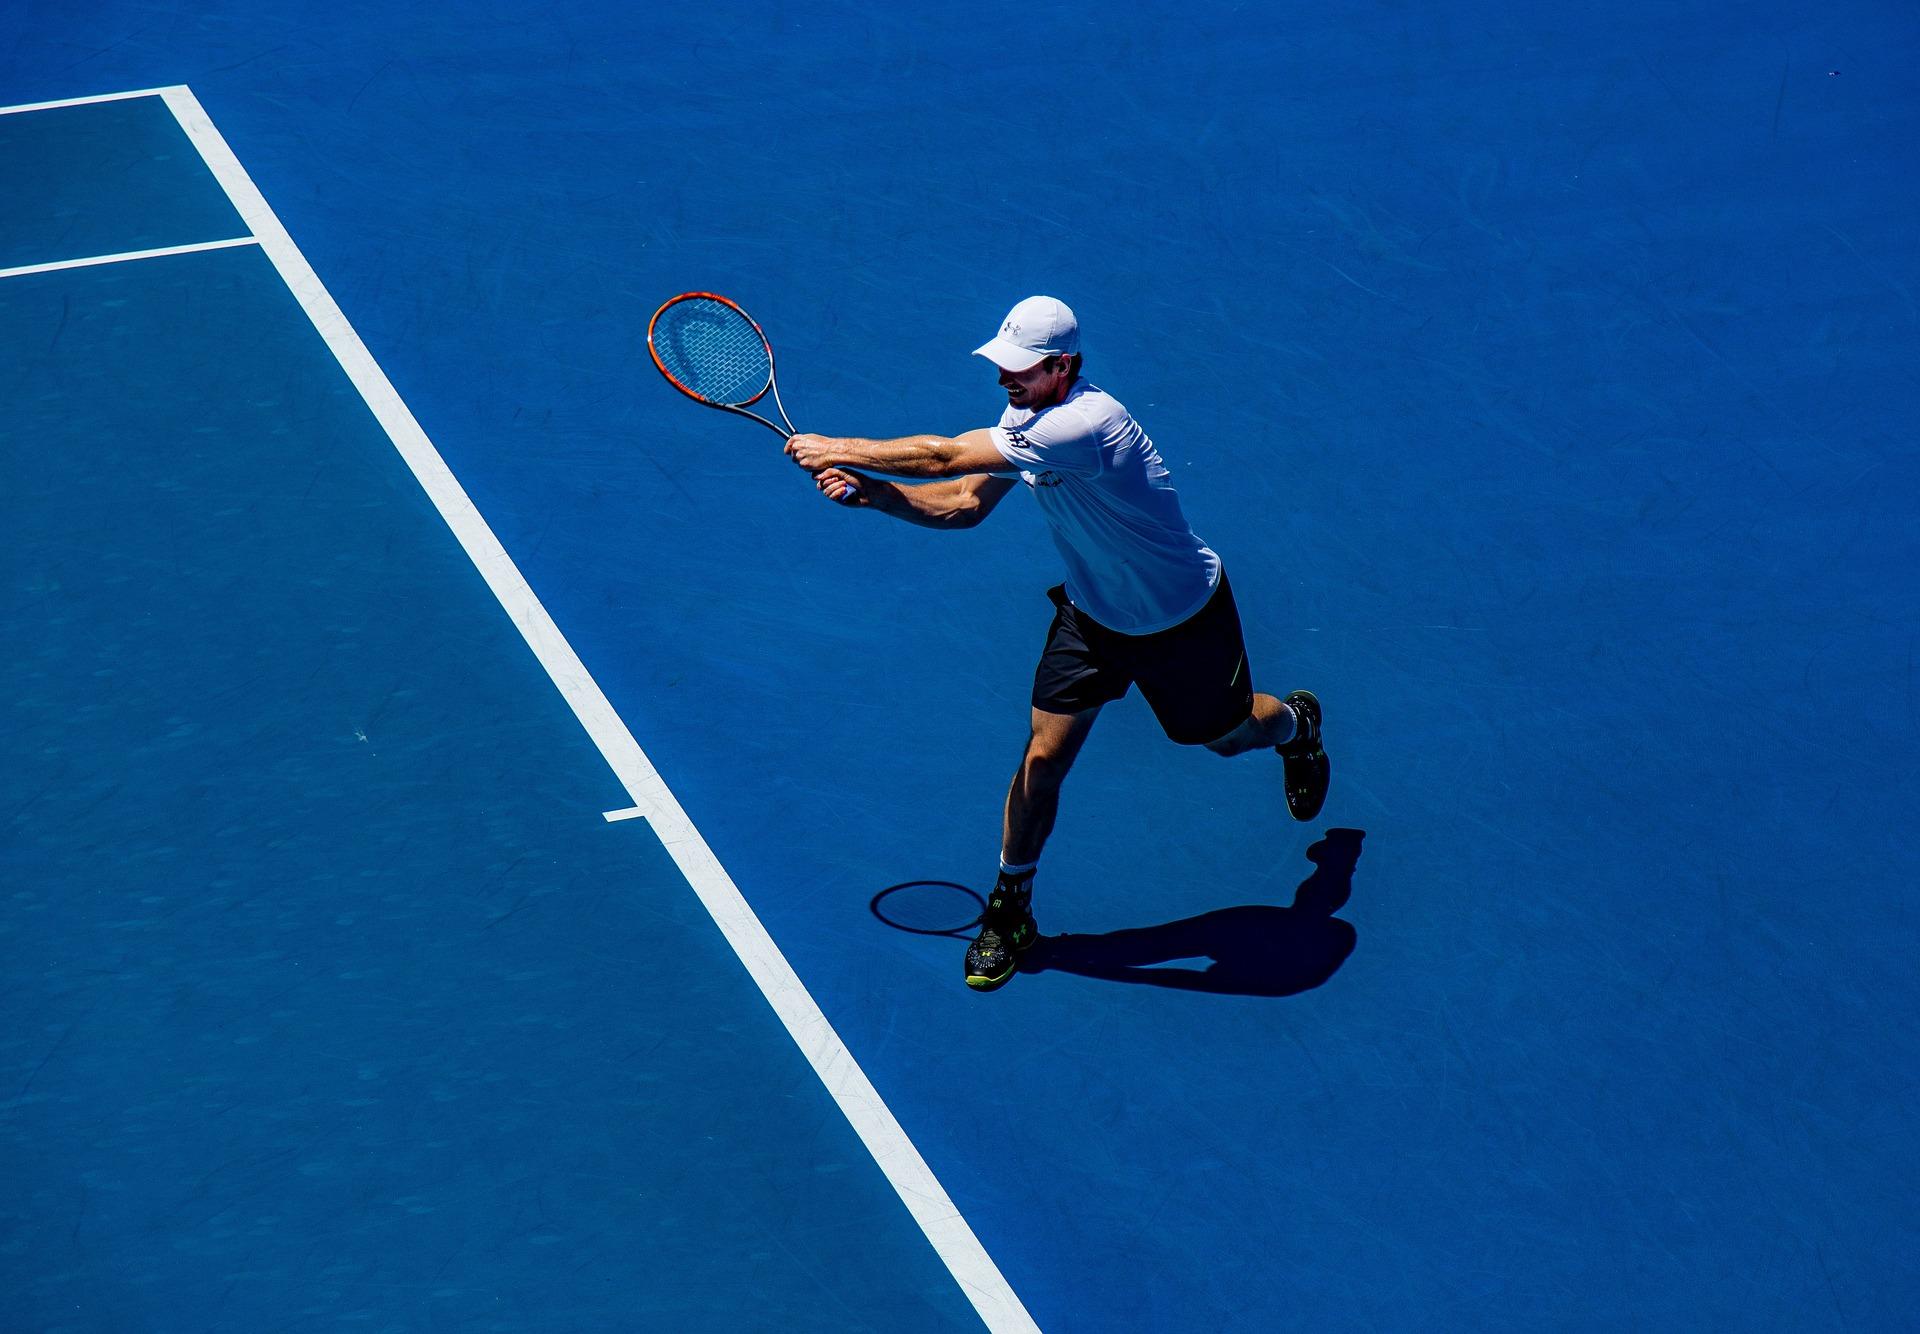 年度最後一項網球大滿貫- U.S. OPEN